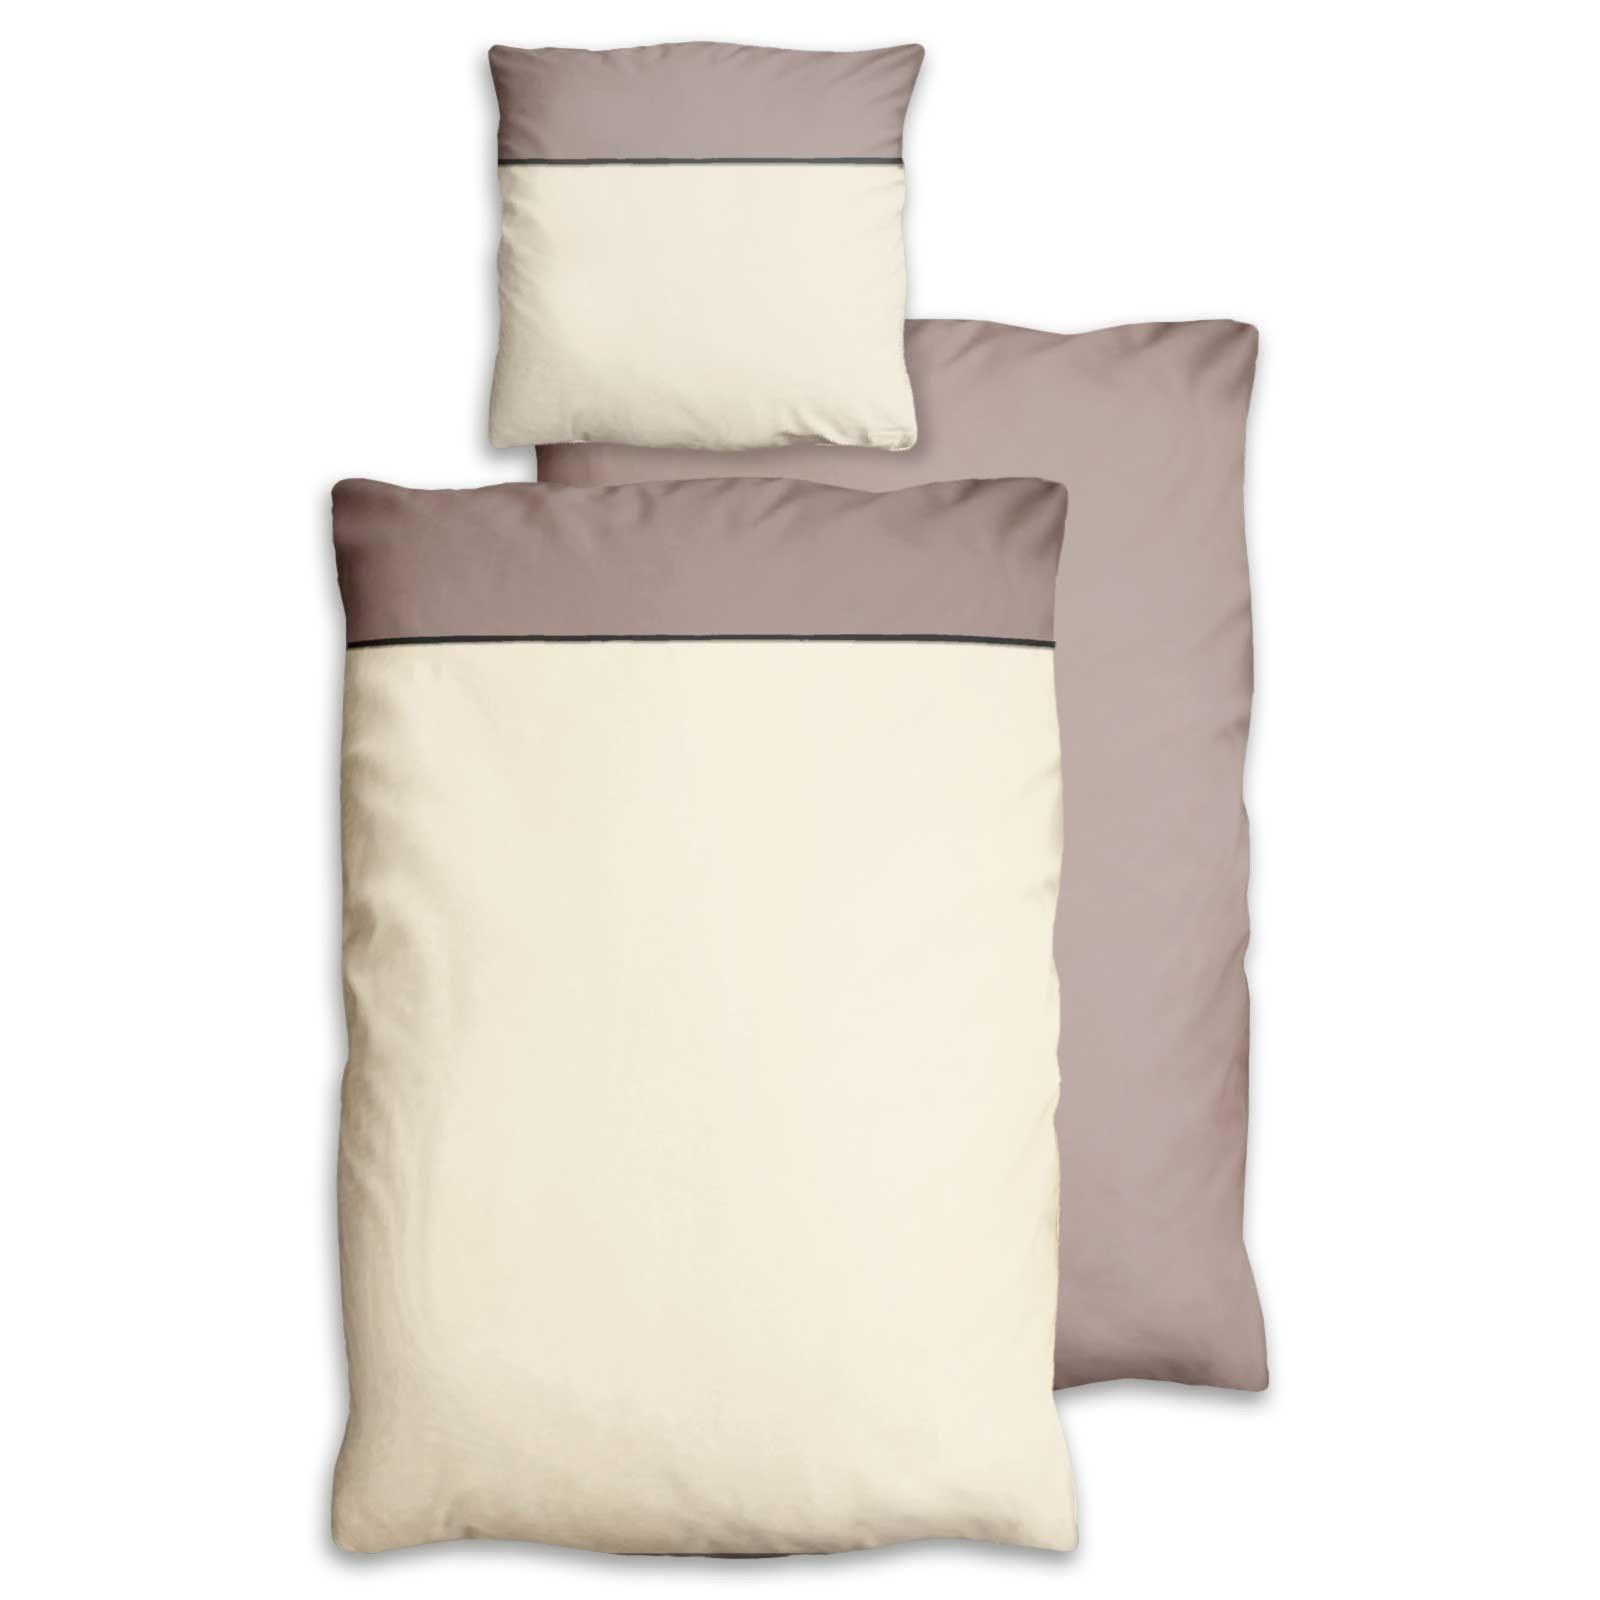 microfaser bettw sche basel beige taupe 155x220 cm bettw sche bettw sche bettlaken. Black Bedroom Furniture Sets. Home Design Ideas